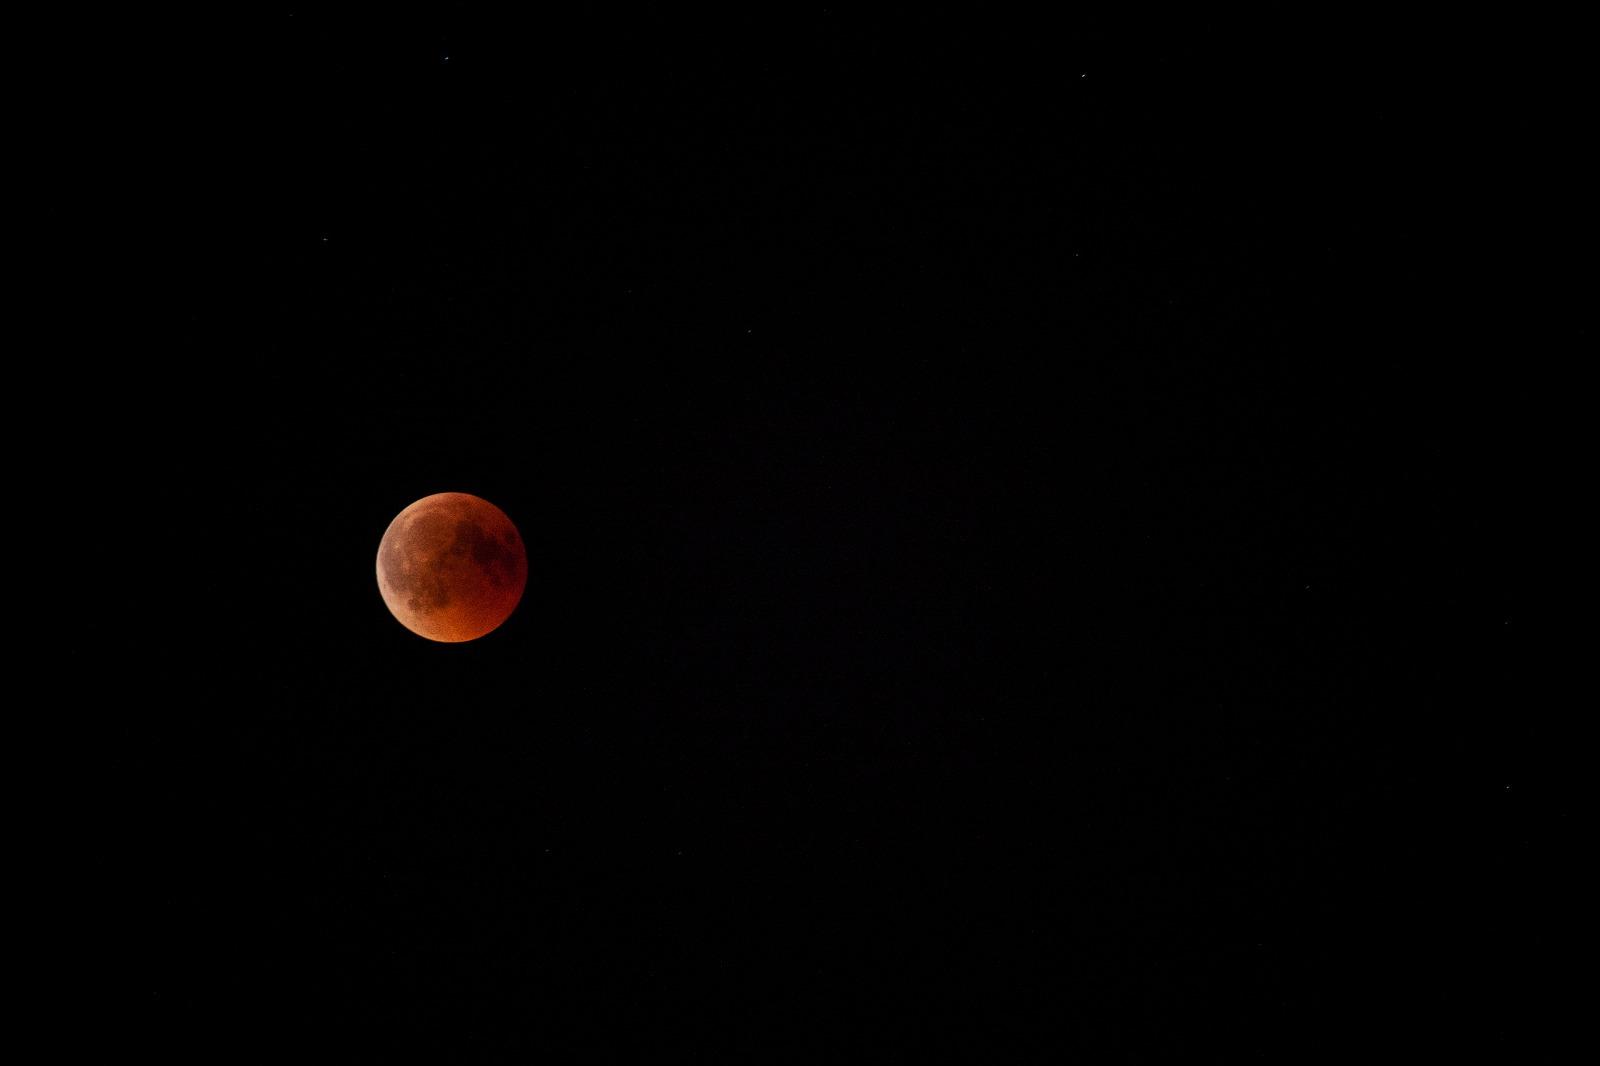 eclissi-lunare-roma-27-luglio-2018-matteo-bilancioni-e-nsight-blog